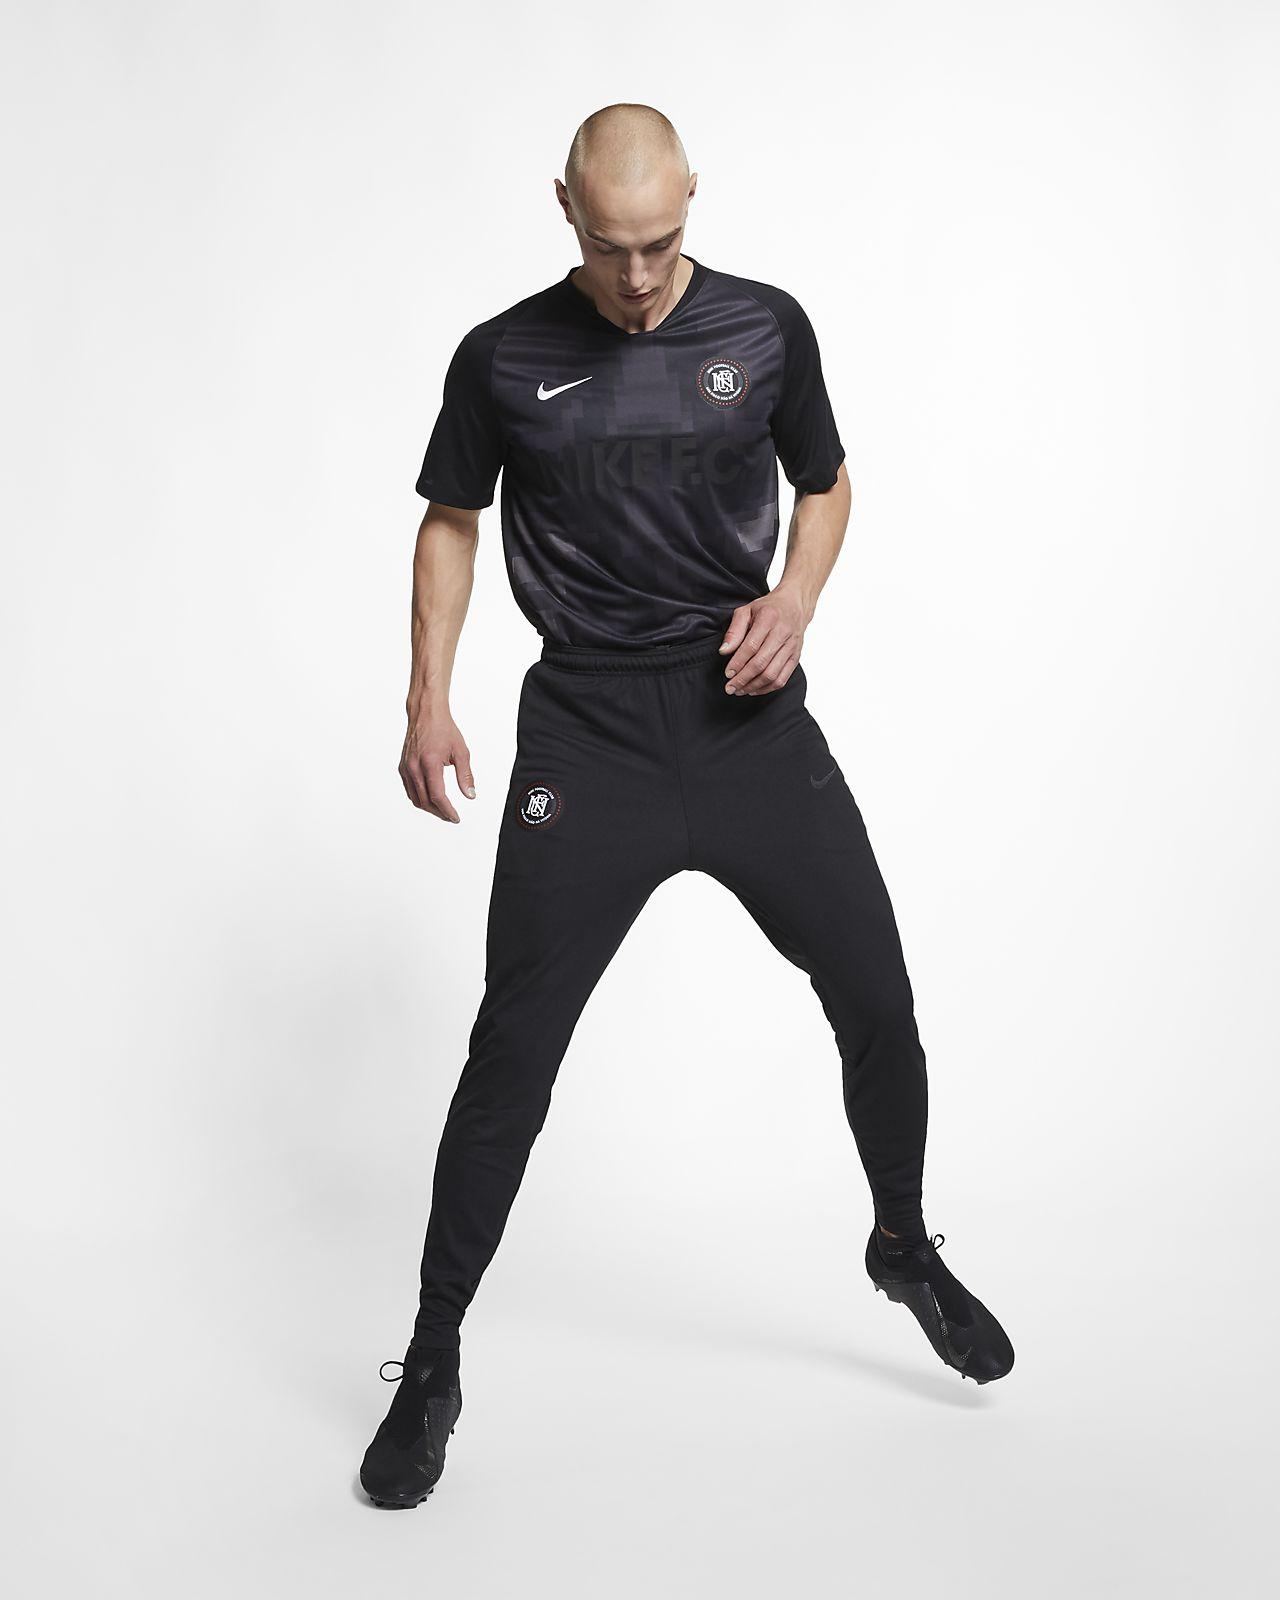 Pantalones de entrenamiento de fútbol para hombre Nike F.C.